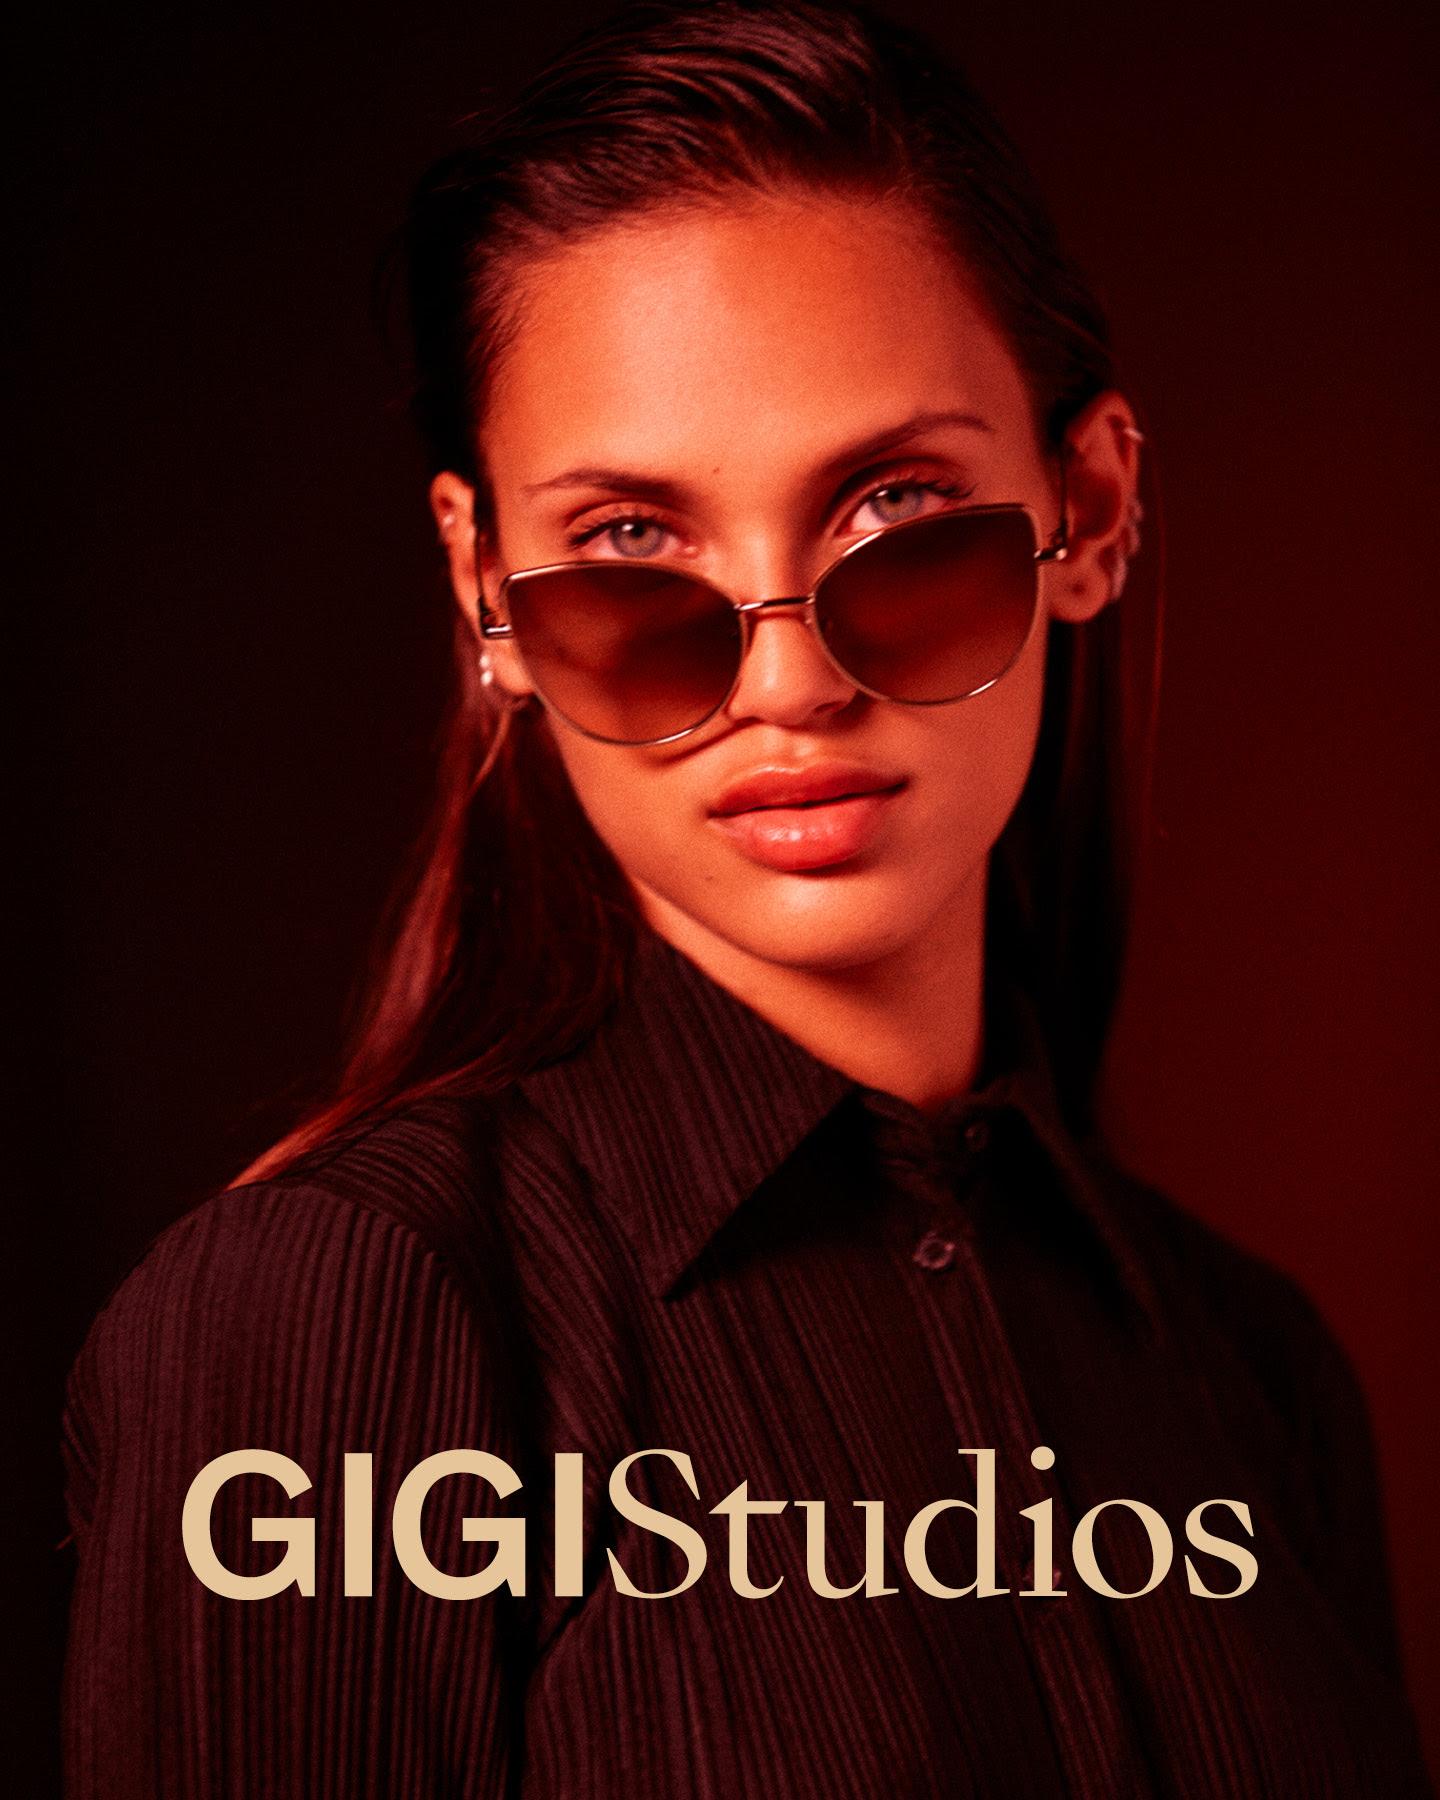 Gigi studios nouveau gigi Barcelona